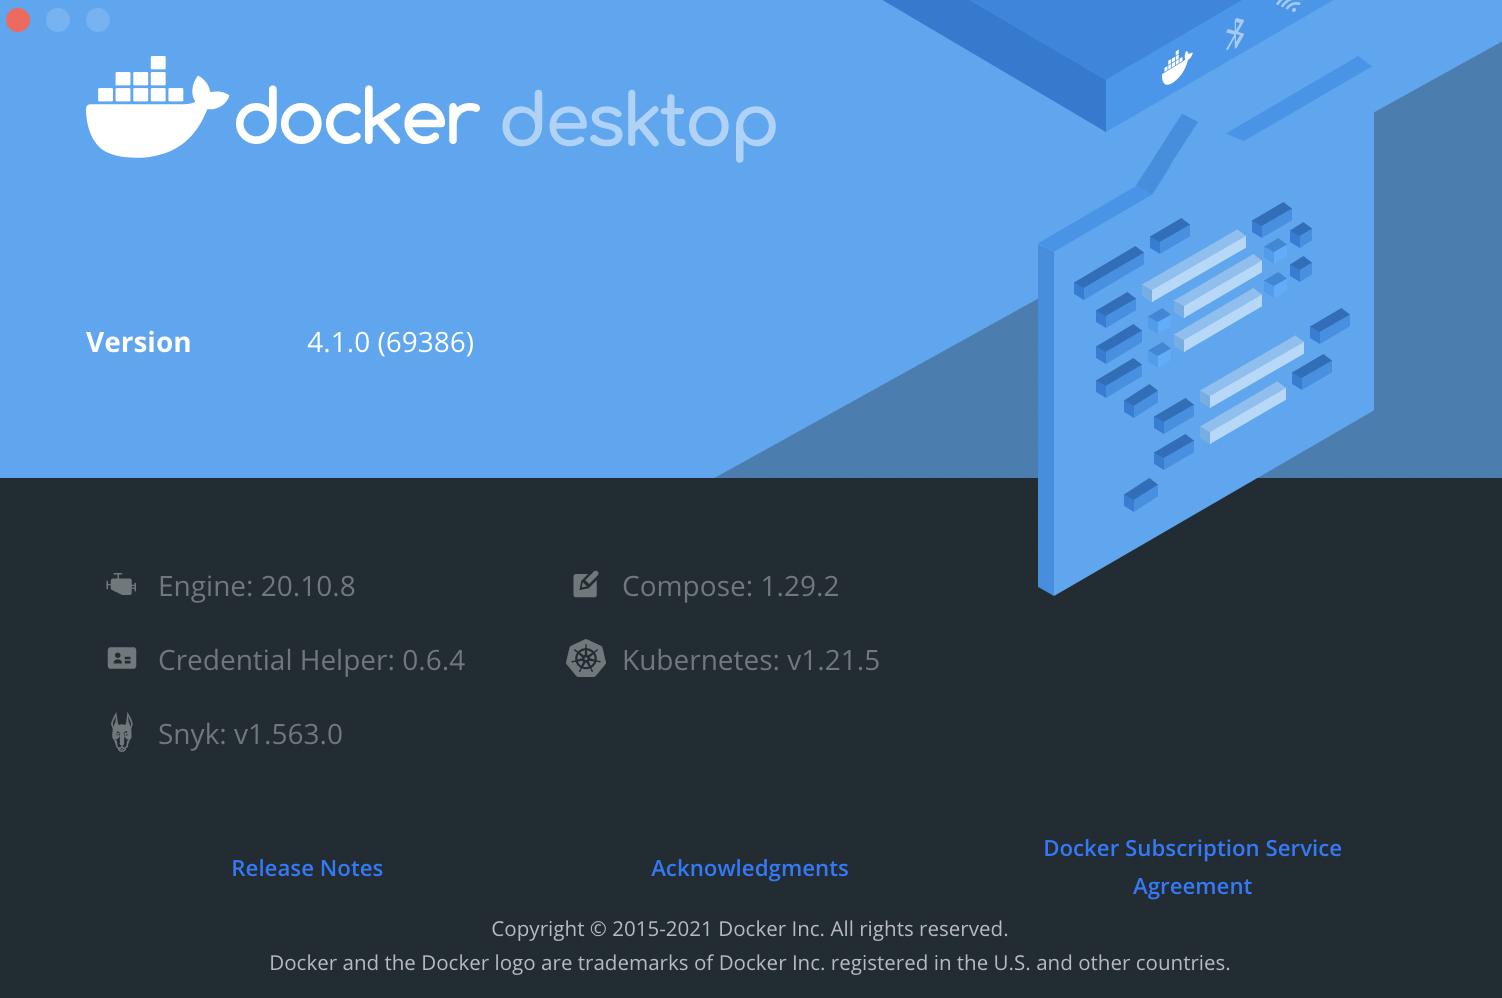 Screenshot of Docker Desktop showing versions of the components